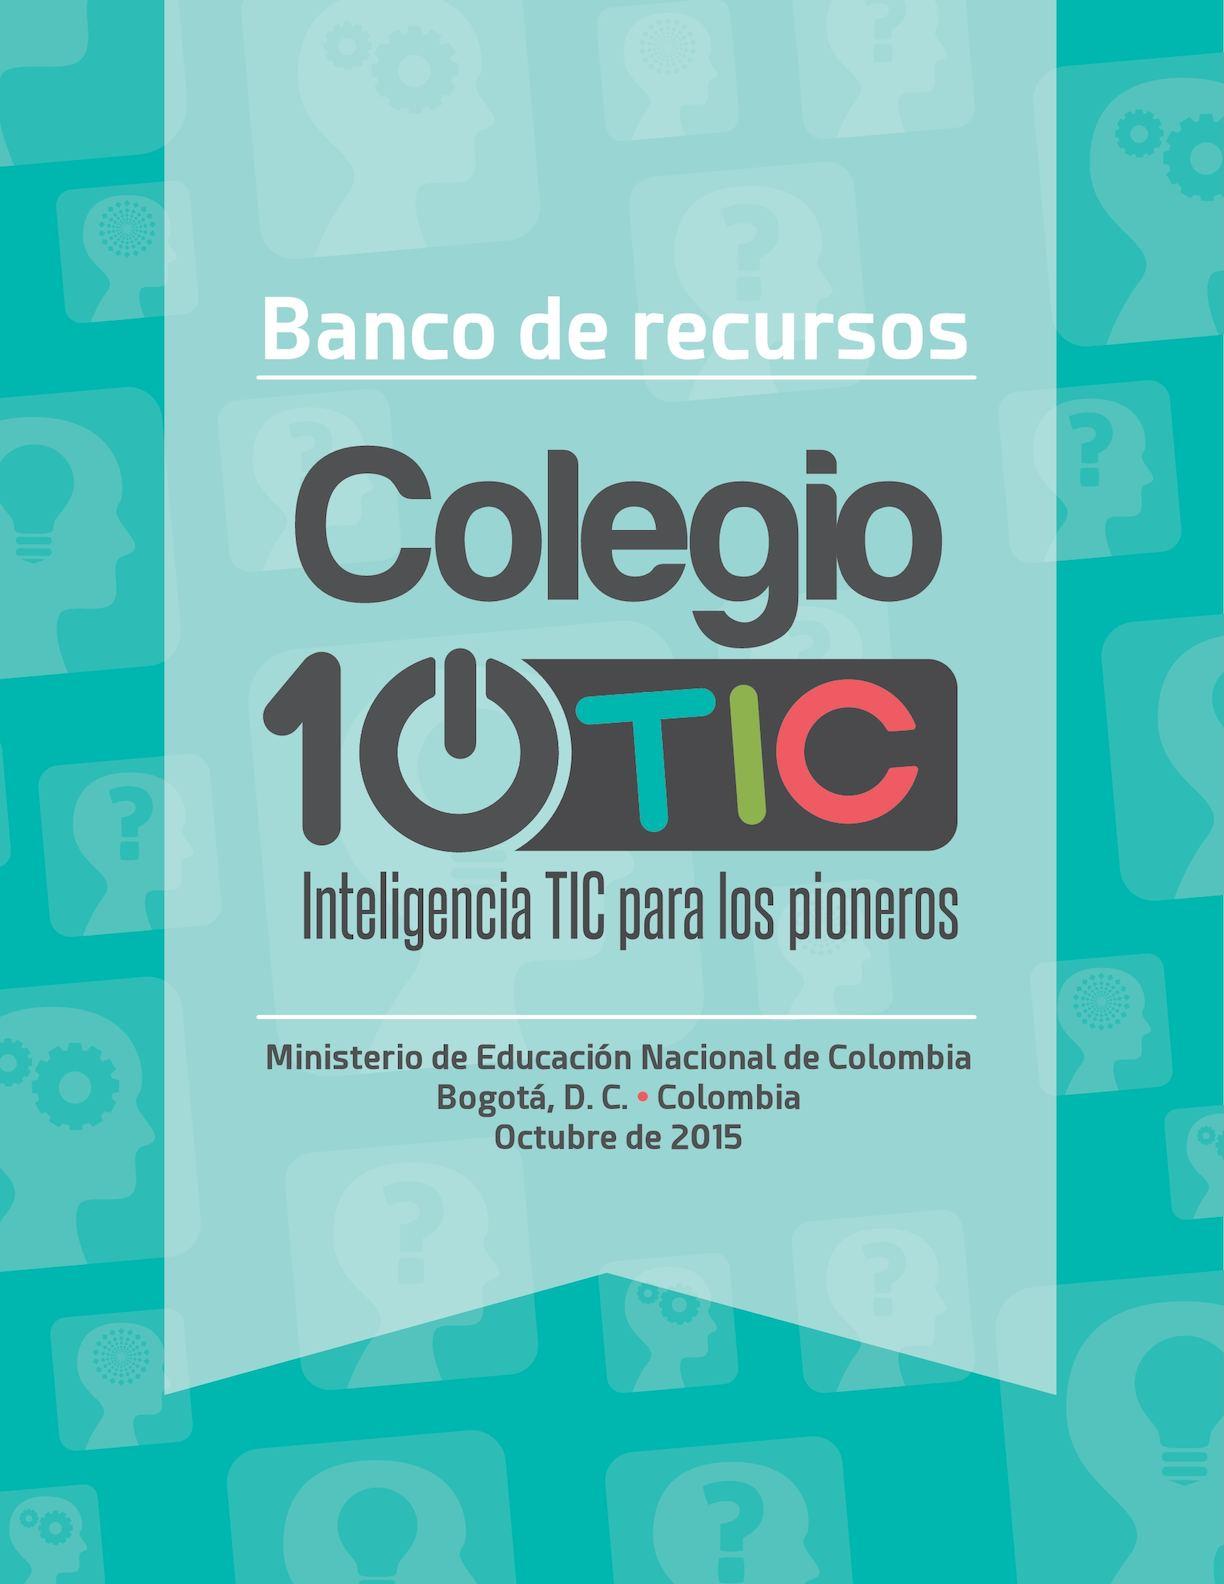 Anexo 40 Cartilla Colegio 10 Tic